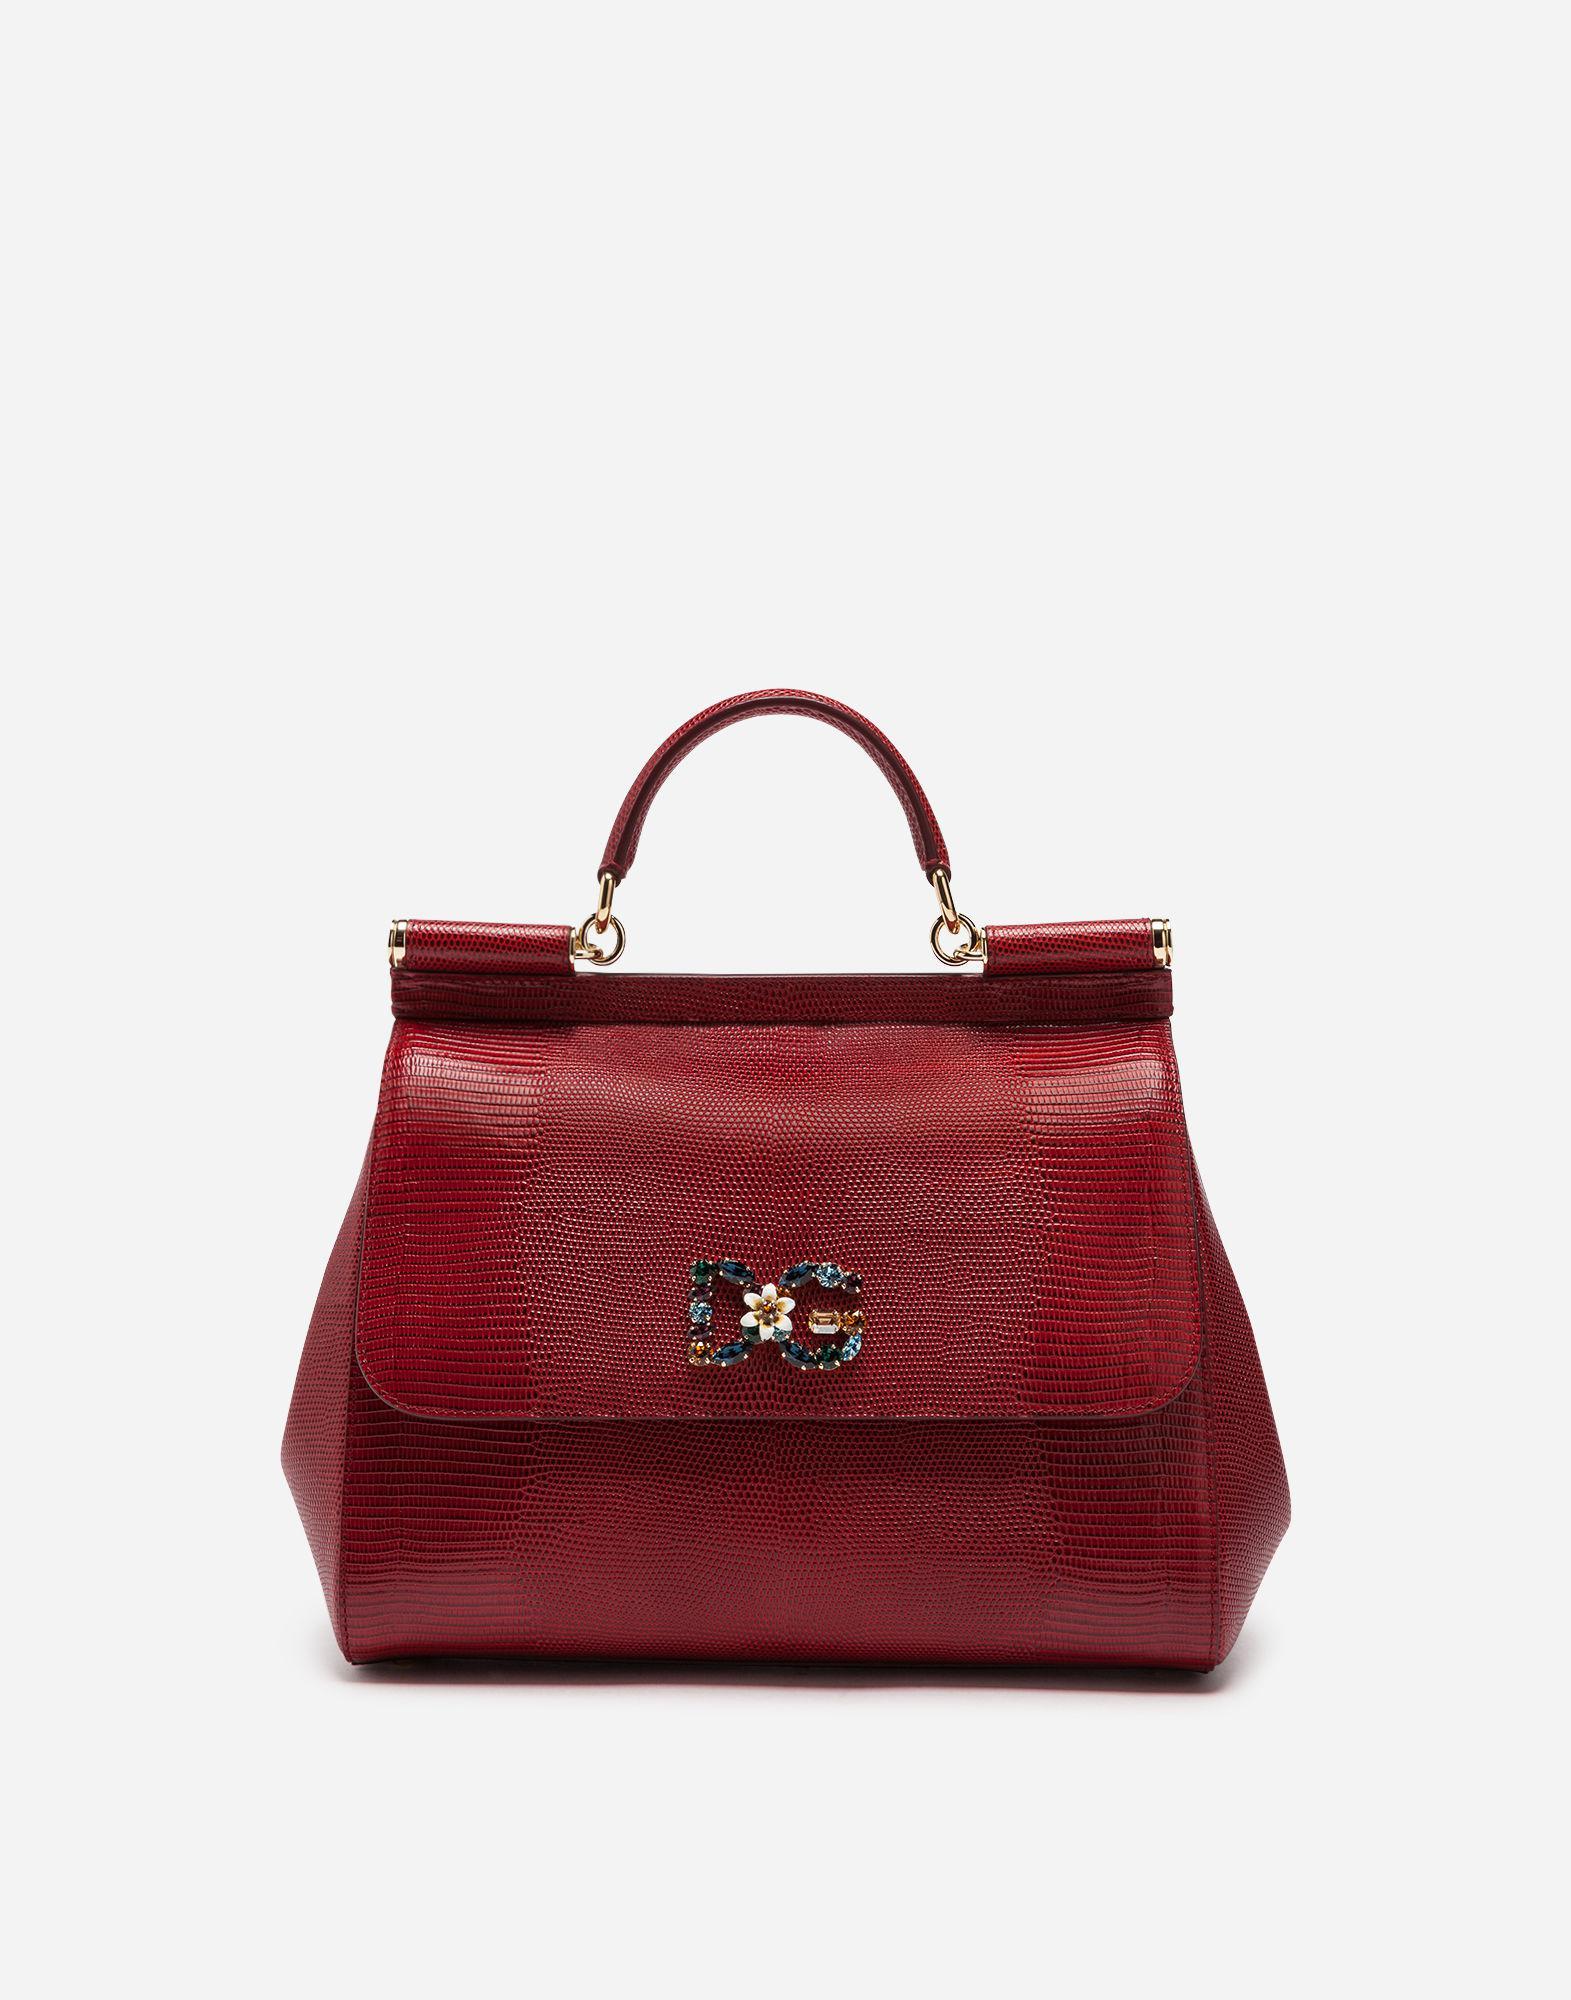 a3a730f196e5 Lyst - Dolce   Gabbana Sicily Handbag In Iguana Print Calfskin And ...